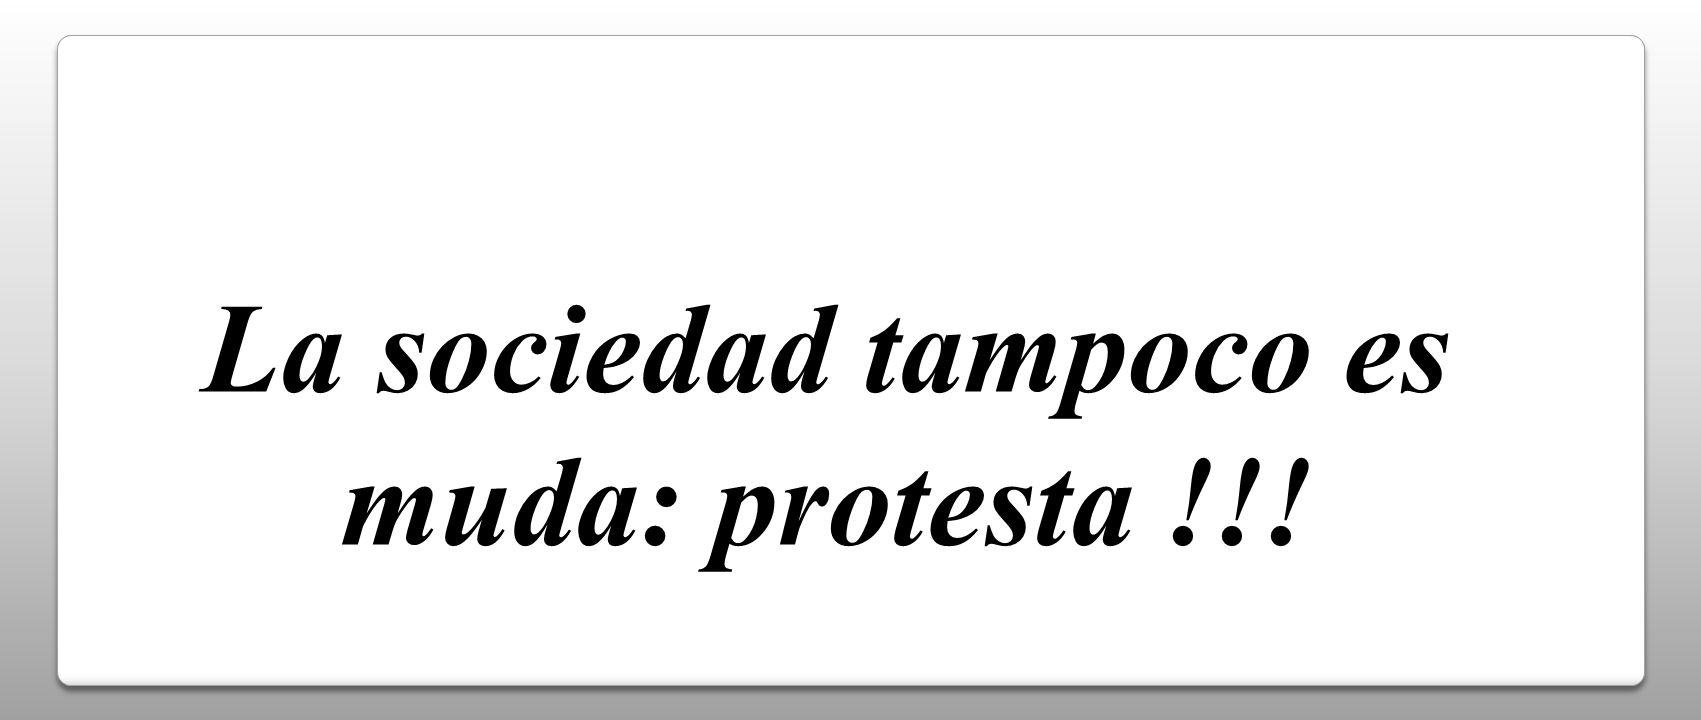 La sociedad tampoco es muda: protesta !!!